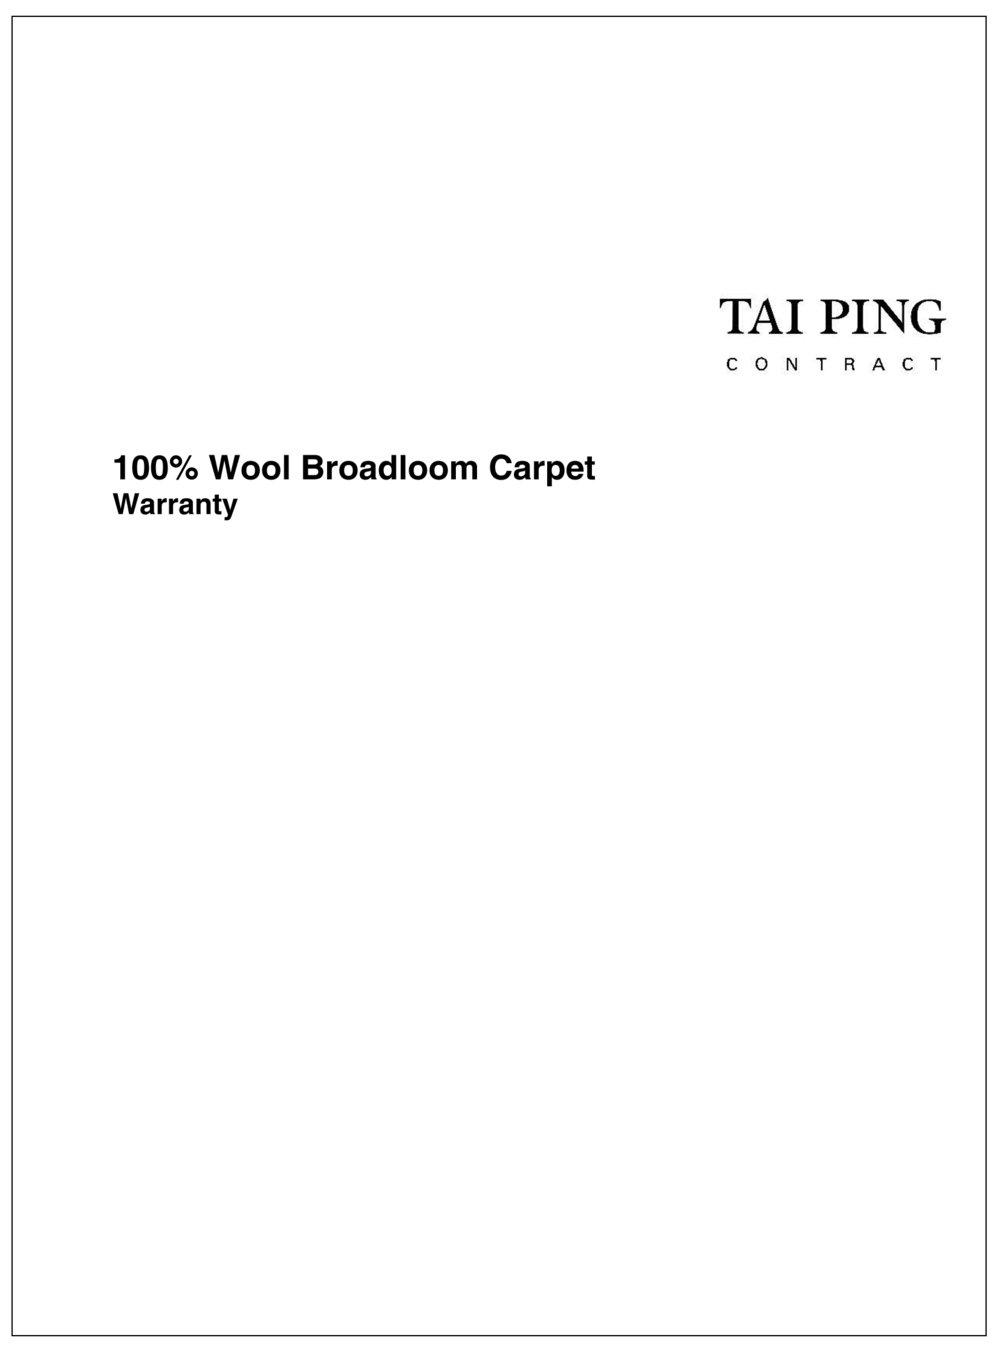 Wool Tufted Broadloom Warranty